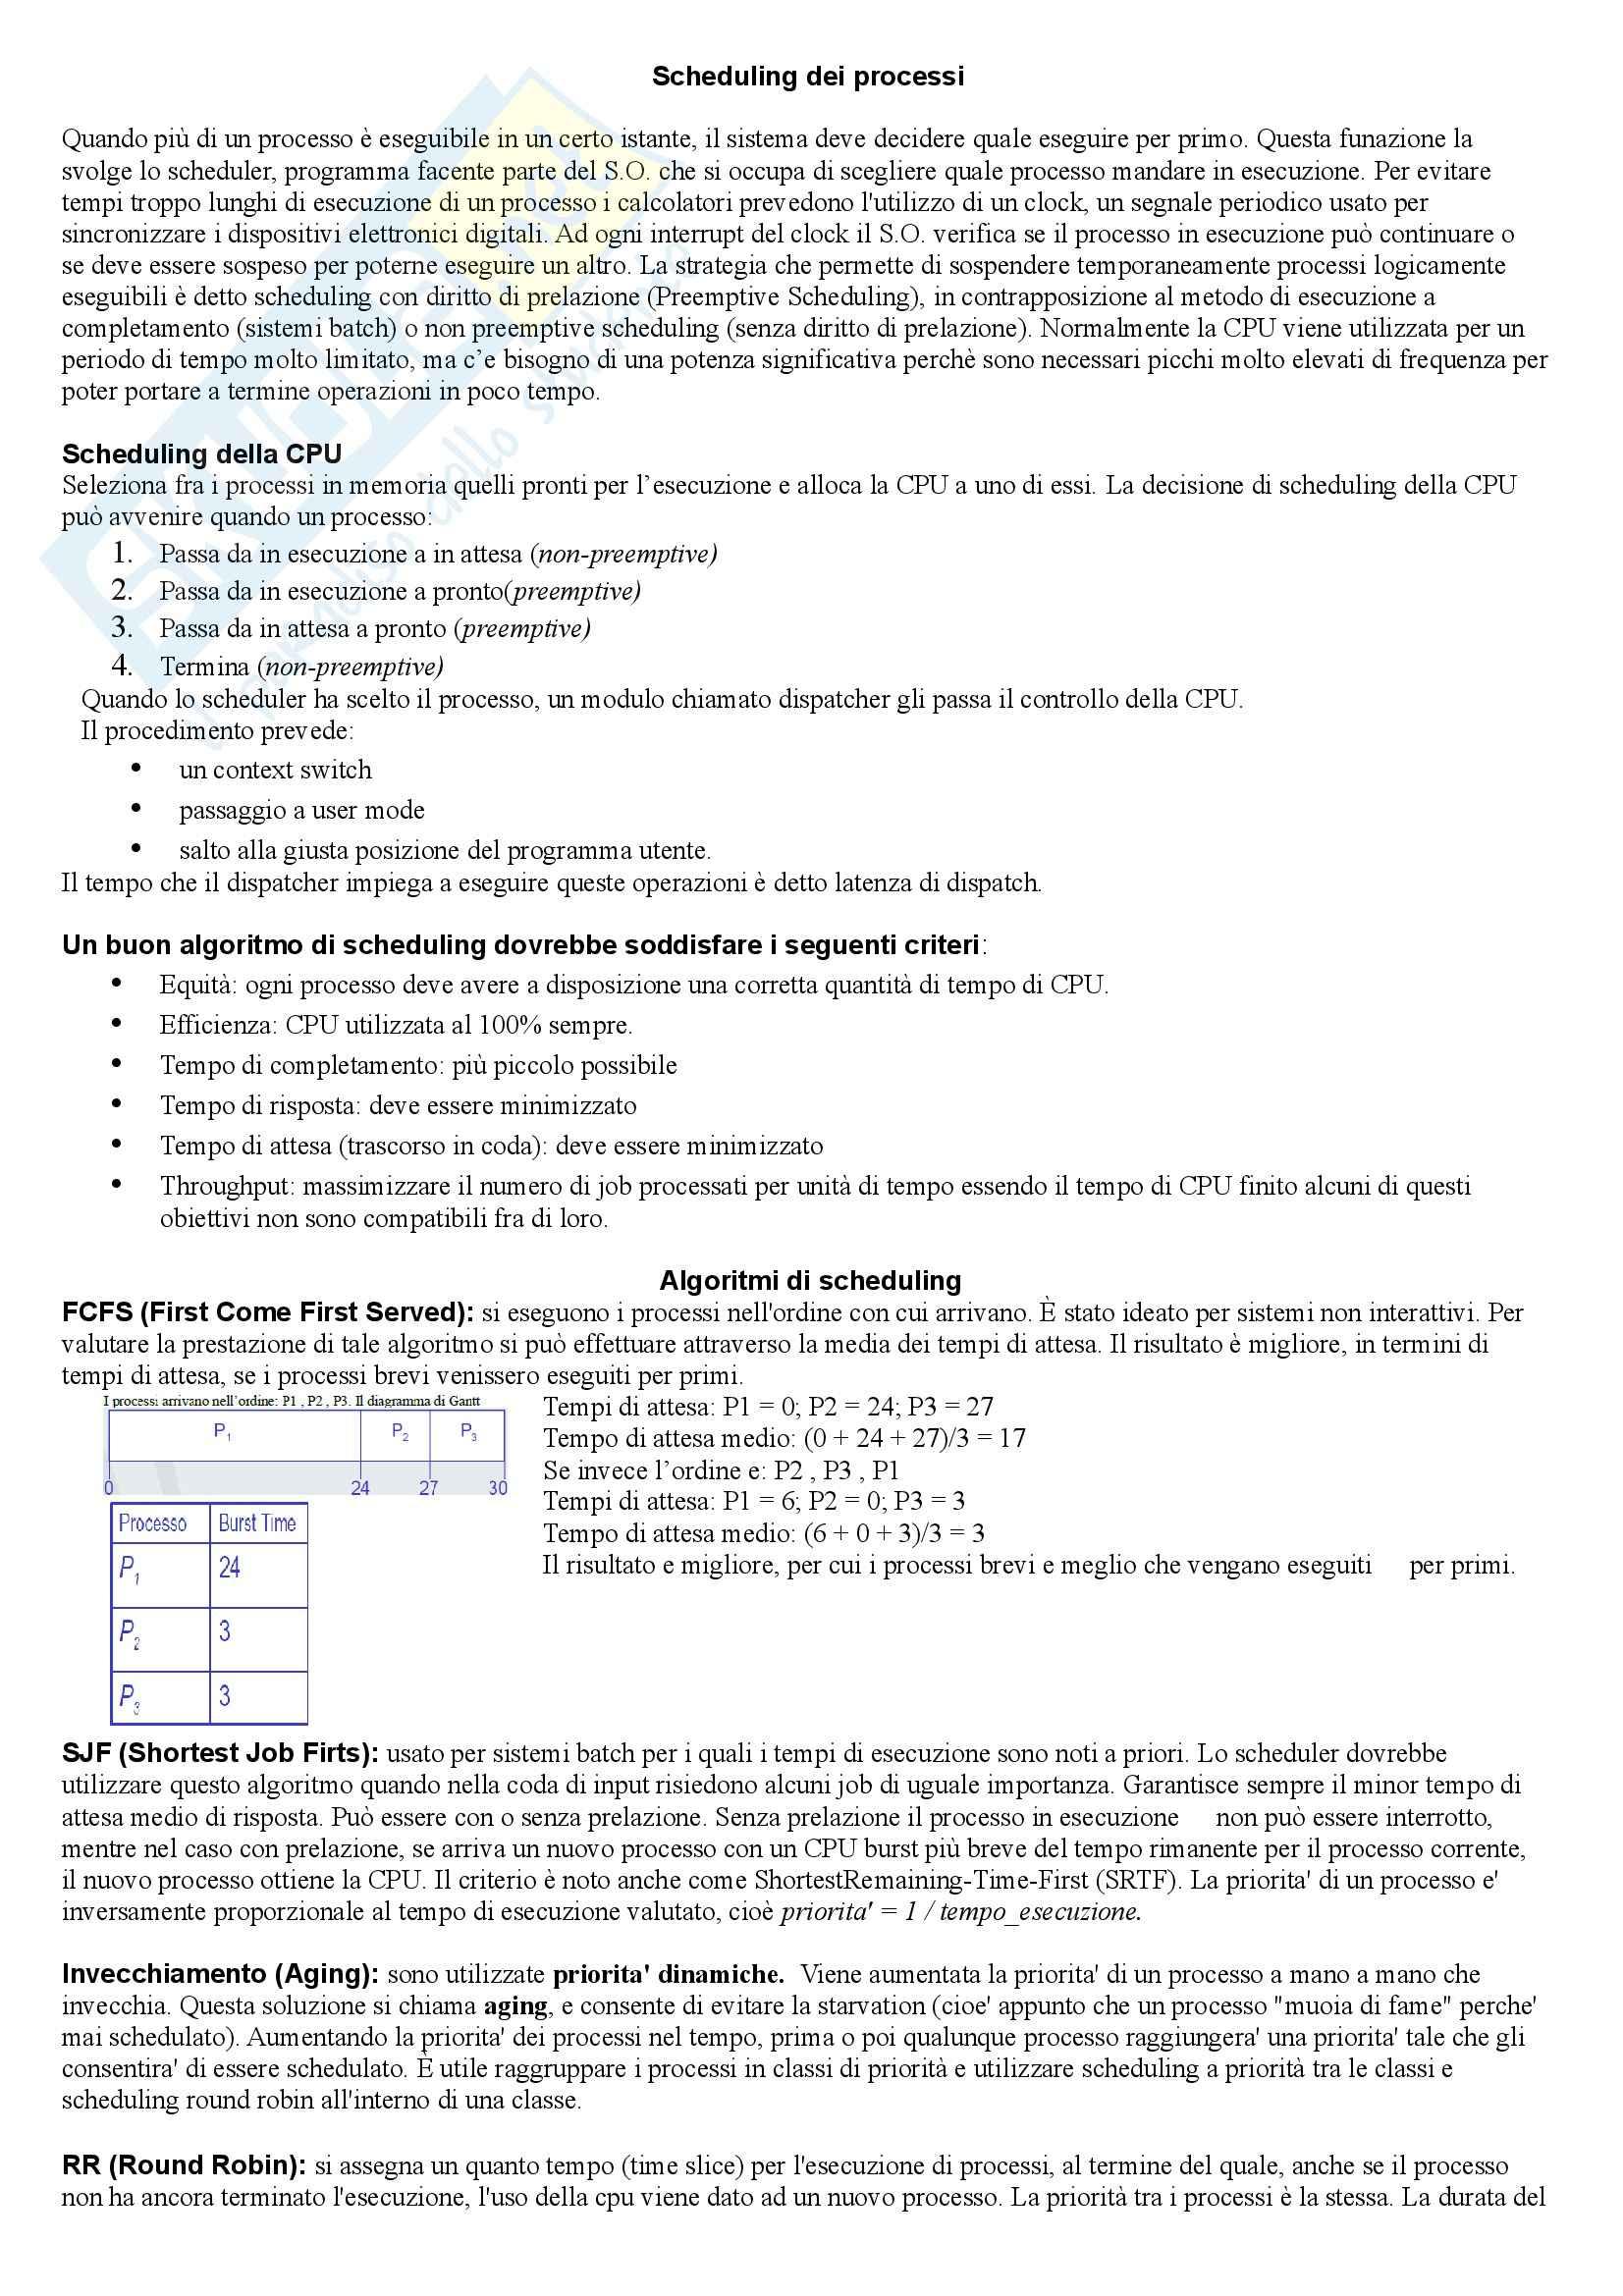 Sistemi operativi - Scheduling processi nei sistemi operativi